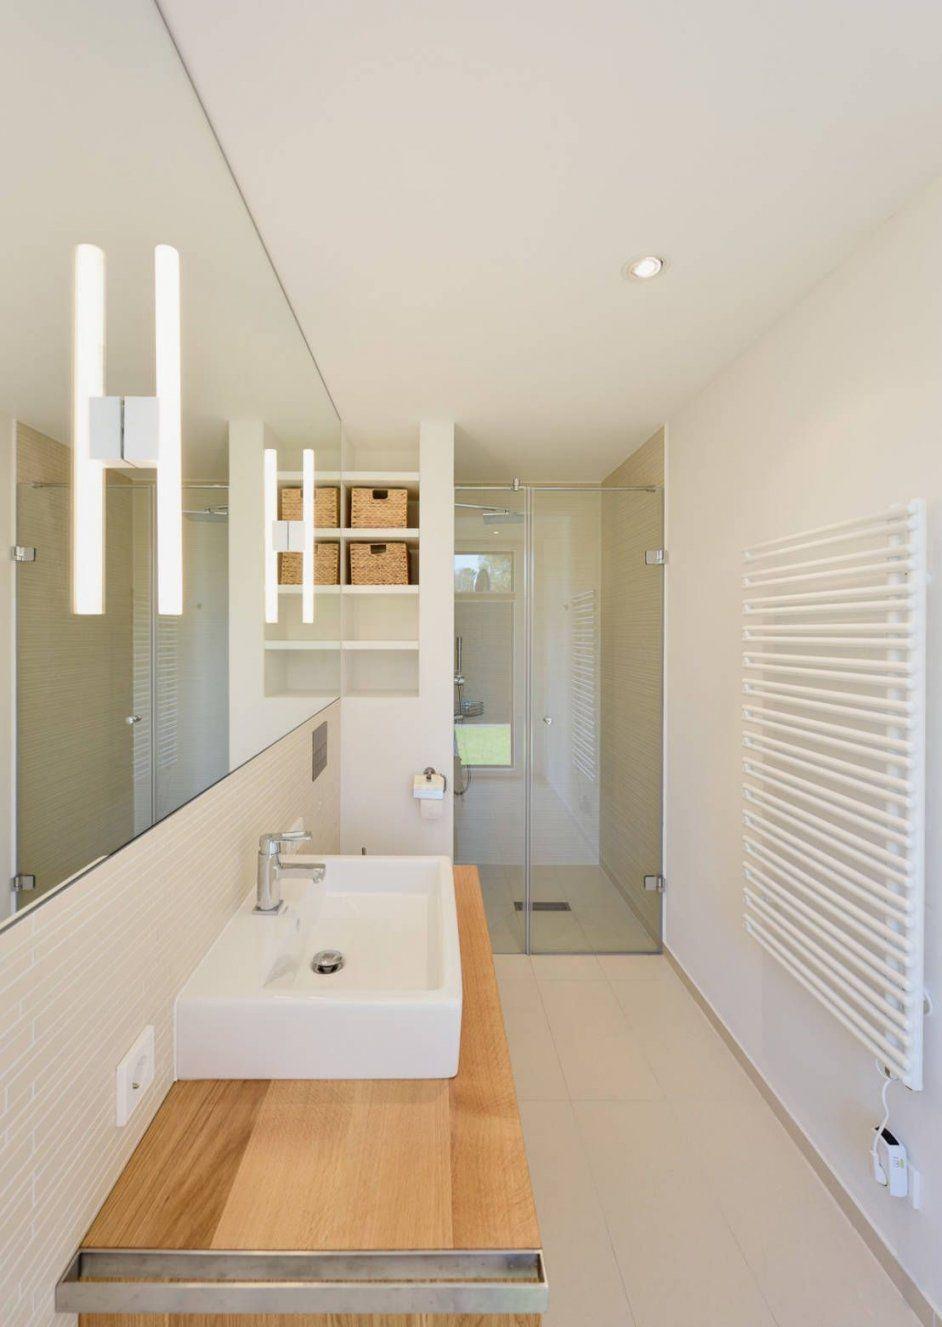 6 Ideen Um Kleine Badezimmer Zu Gestalten  Kleine Badezimmer von Kleines Bad Mit Dusche Gestalten Bild